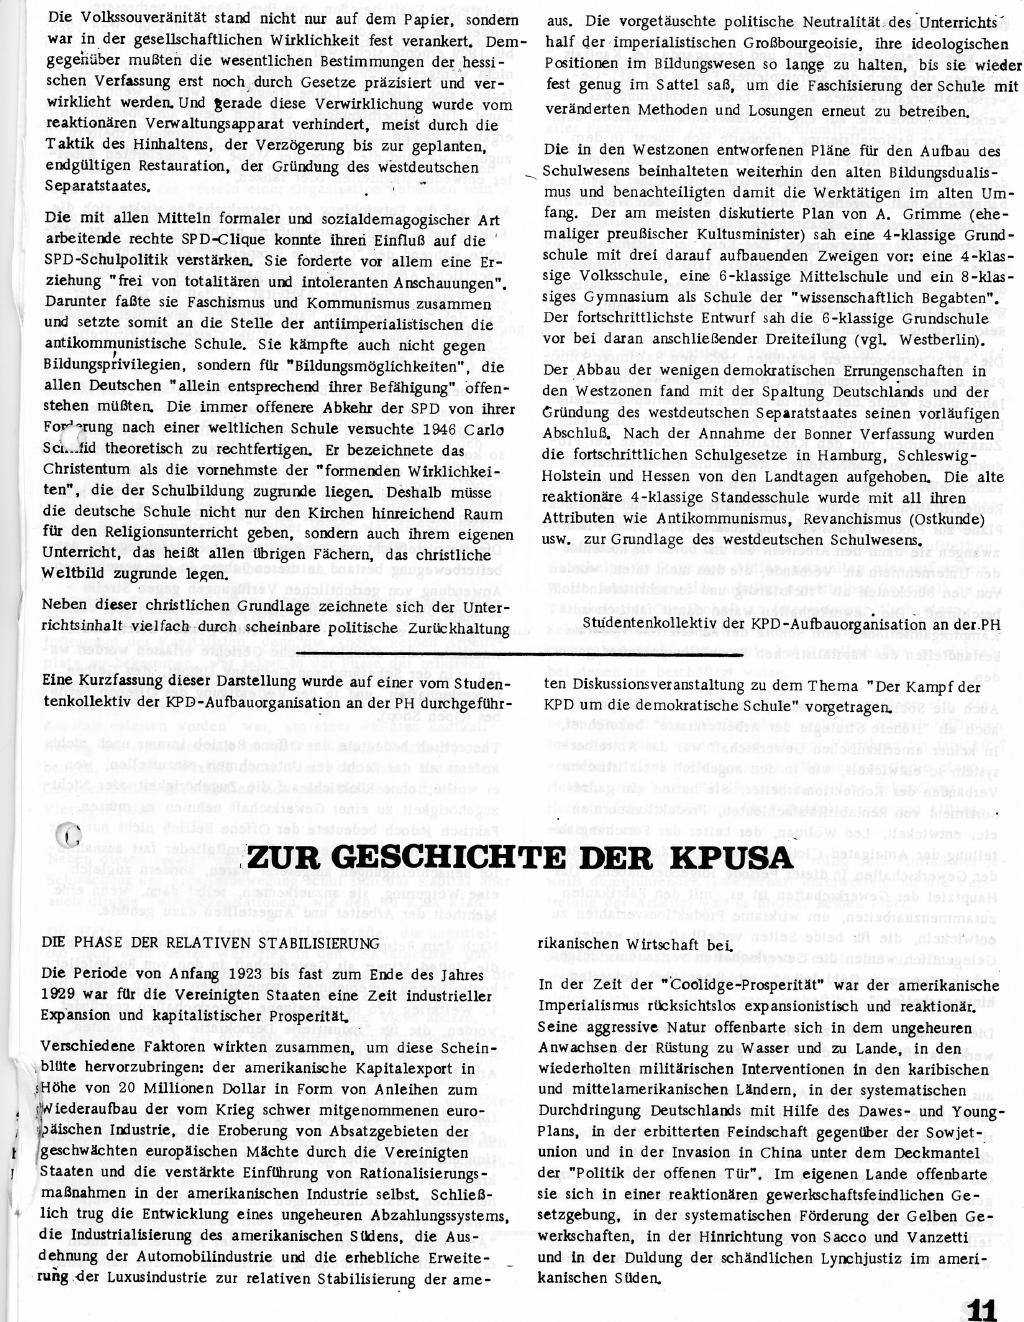 RPK_1971_104_11